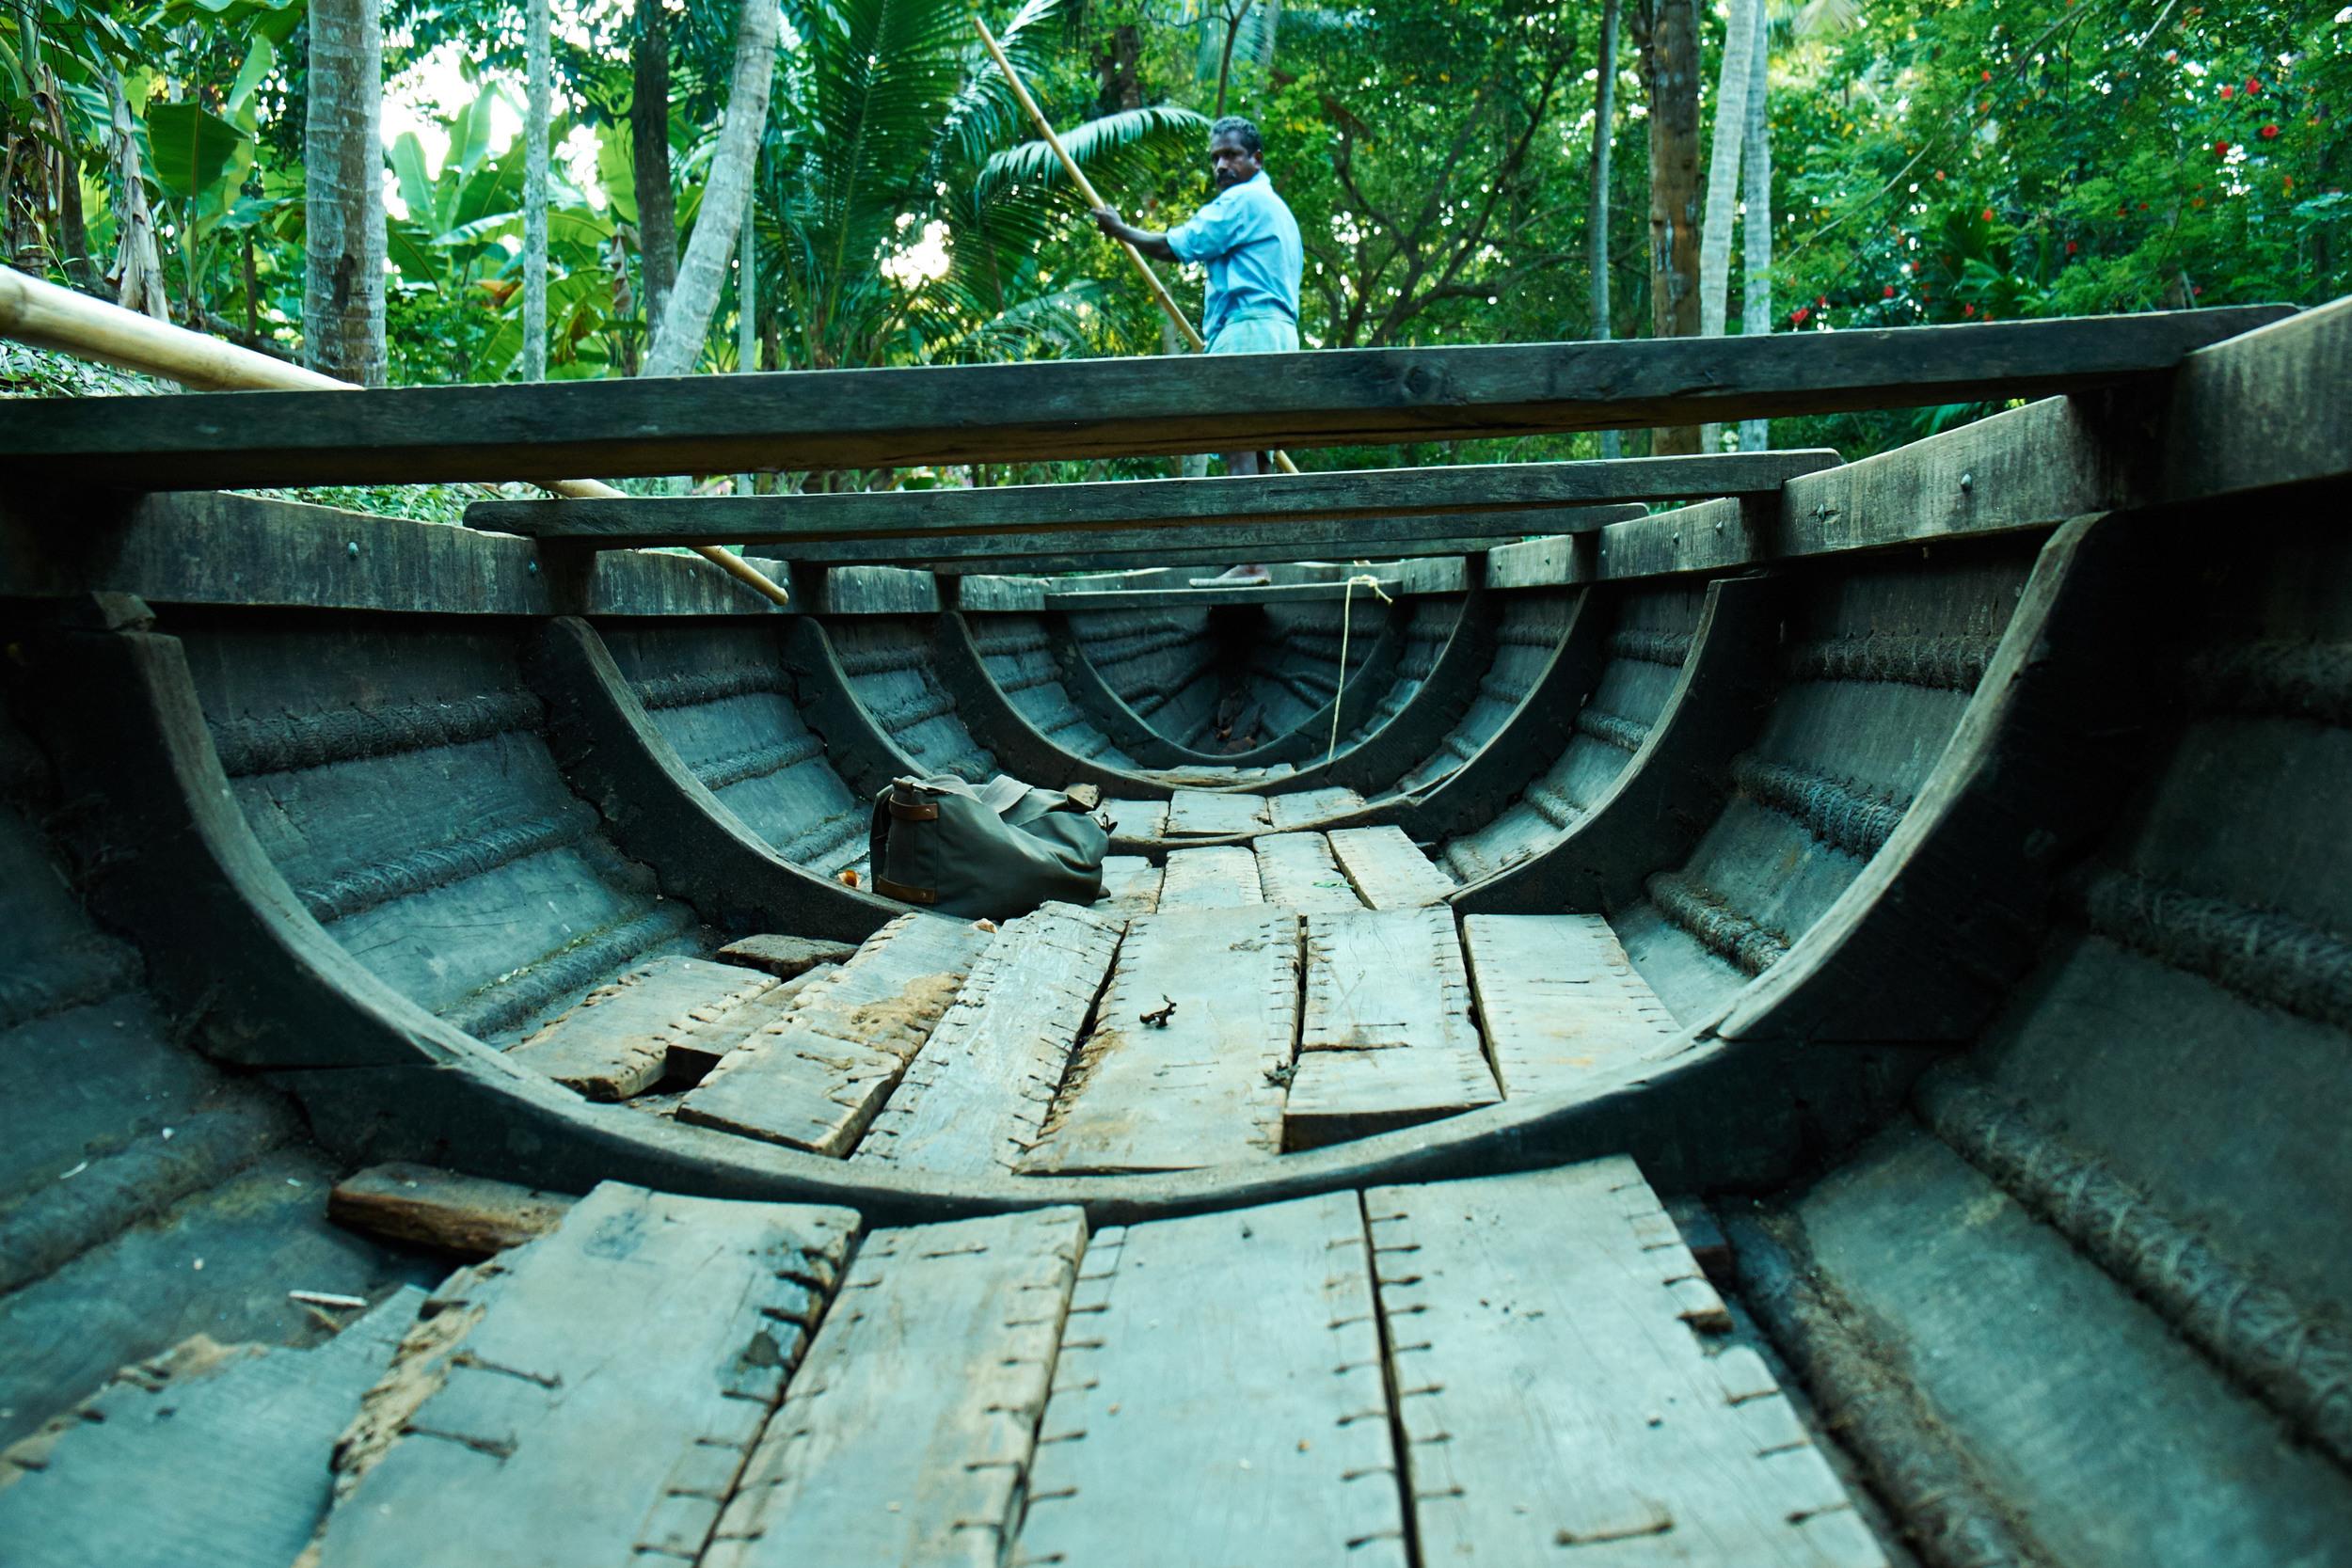 Stitched-up Canoe, Kerala.